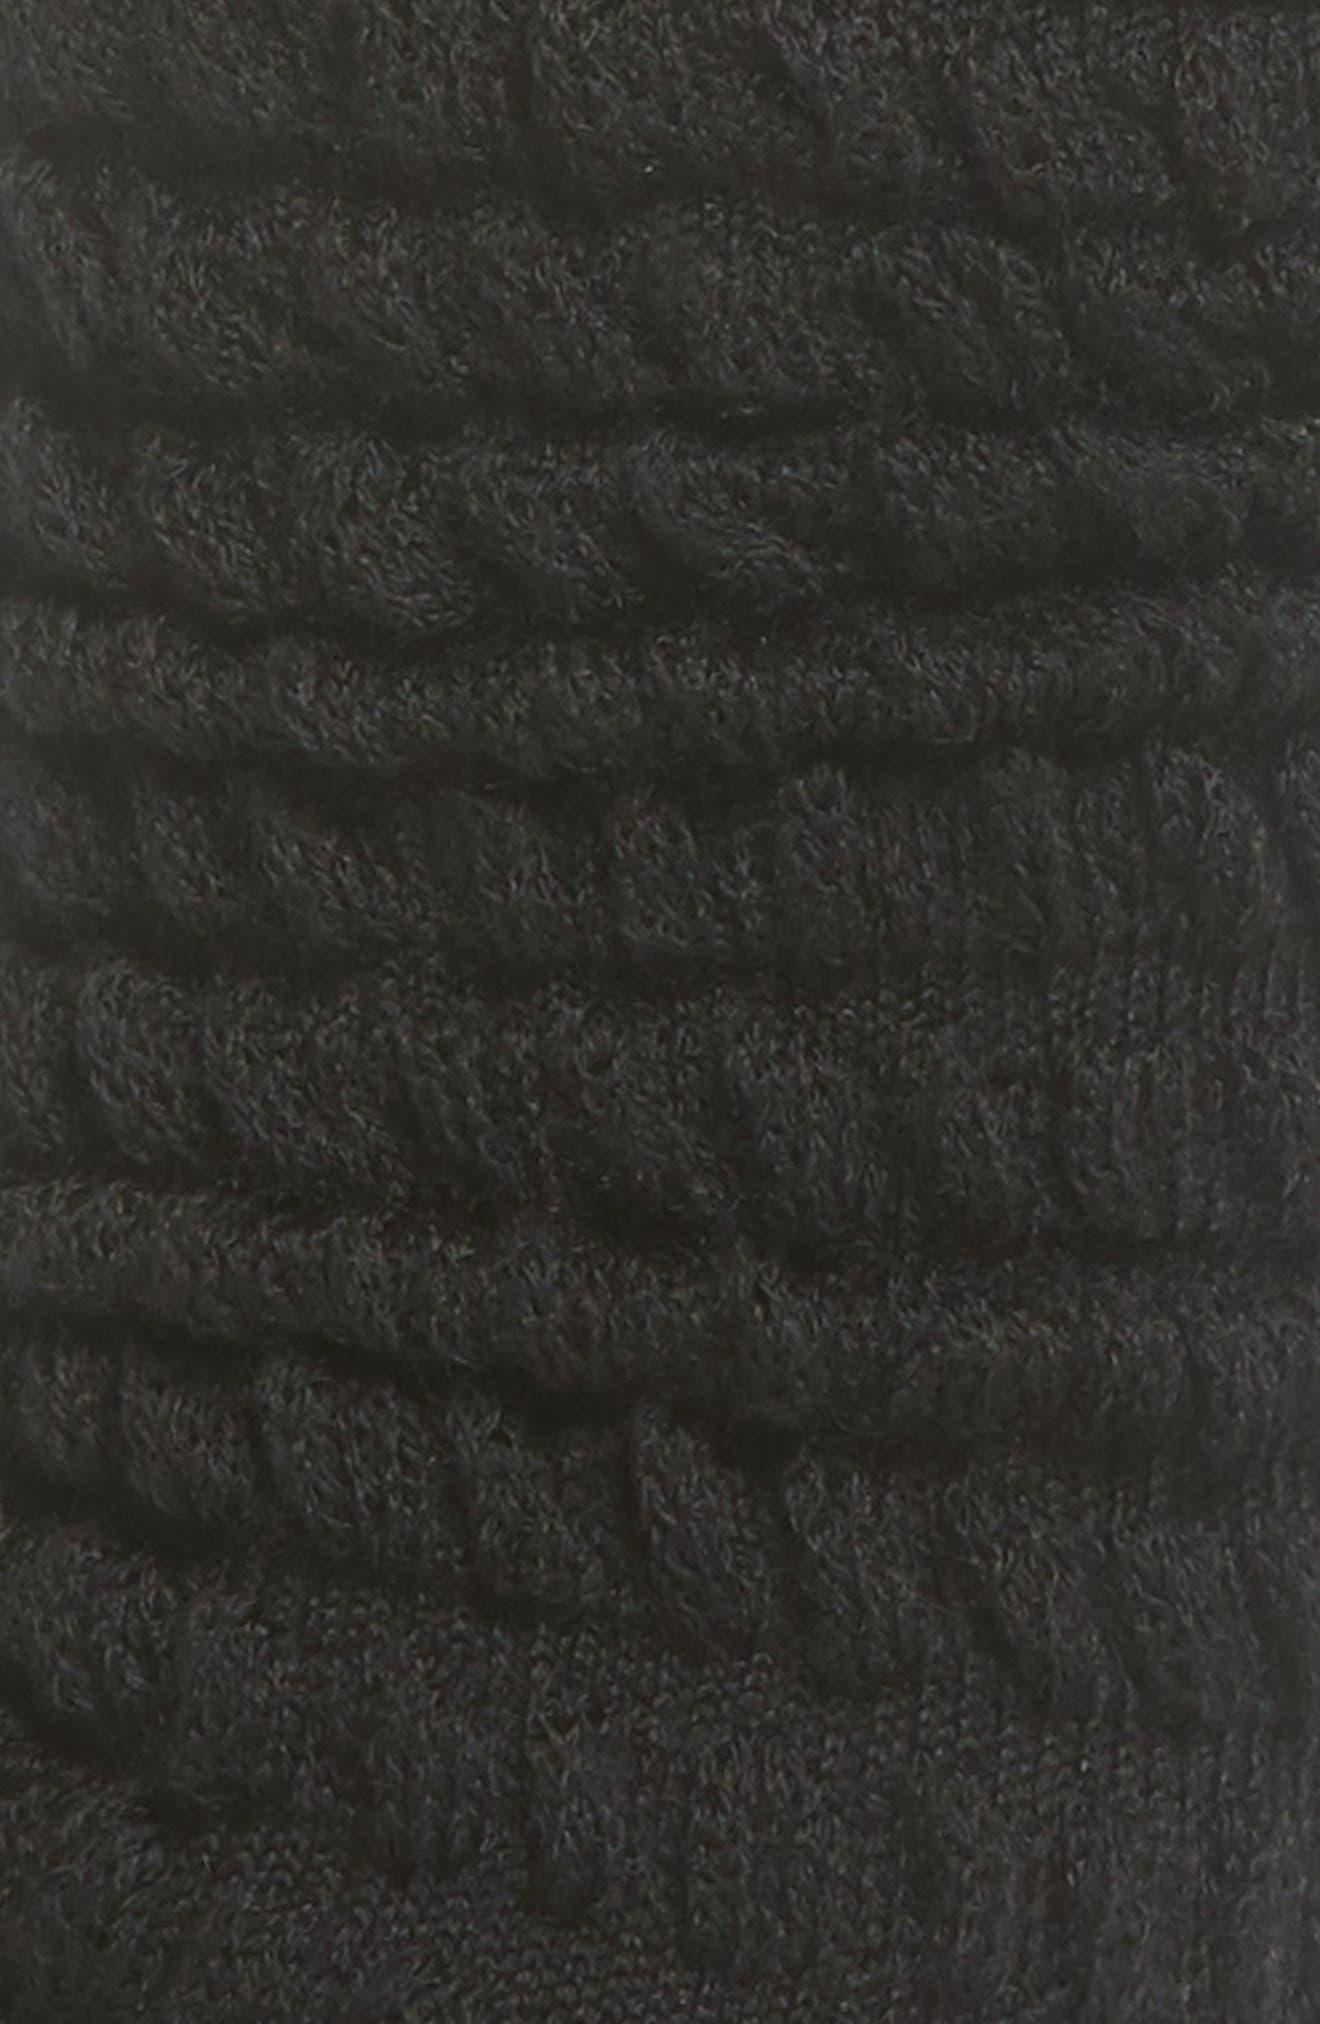 Slouch Crew Socks,                             Alternate thumbnail 2, color,                             BLACK